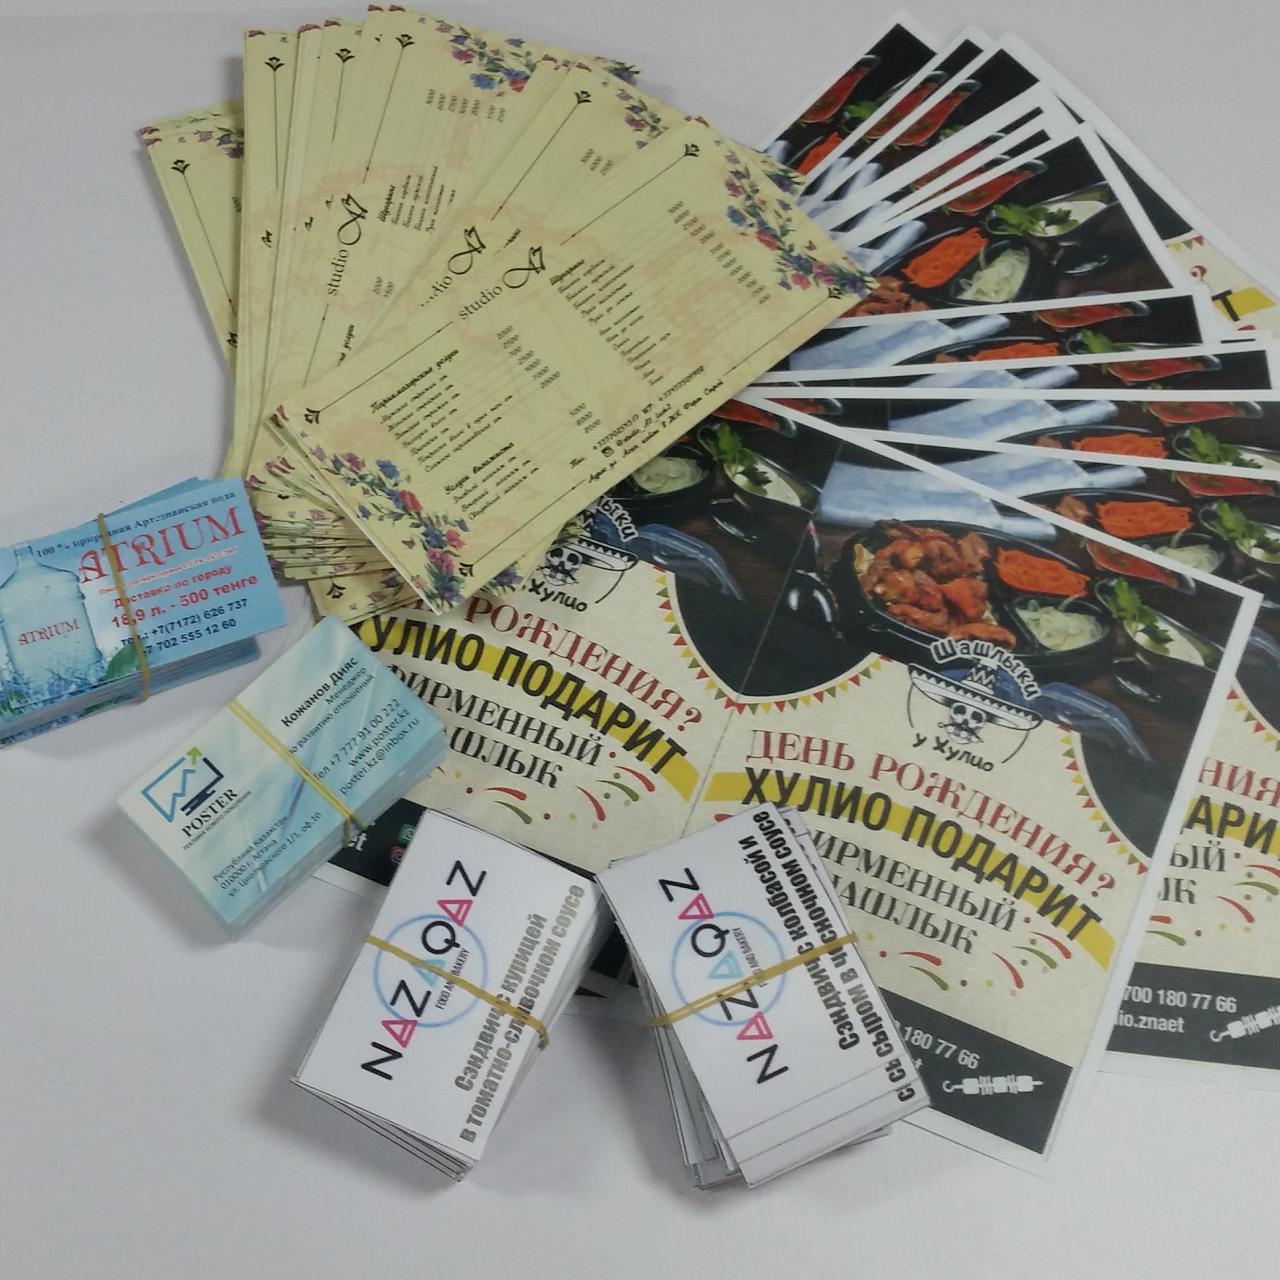 Изготовление визиток, листовок в Астане